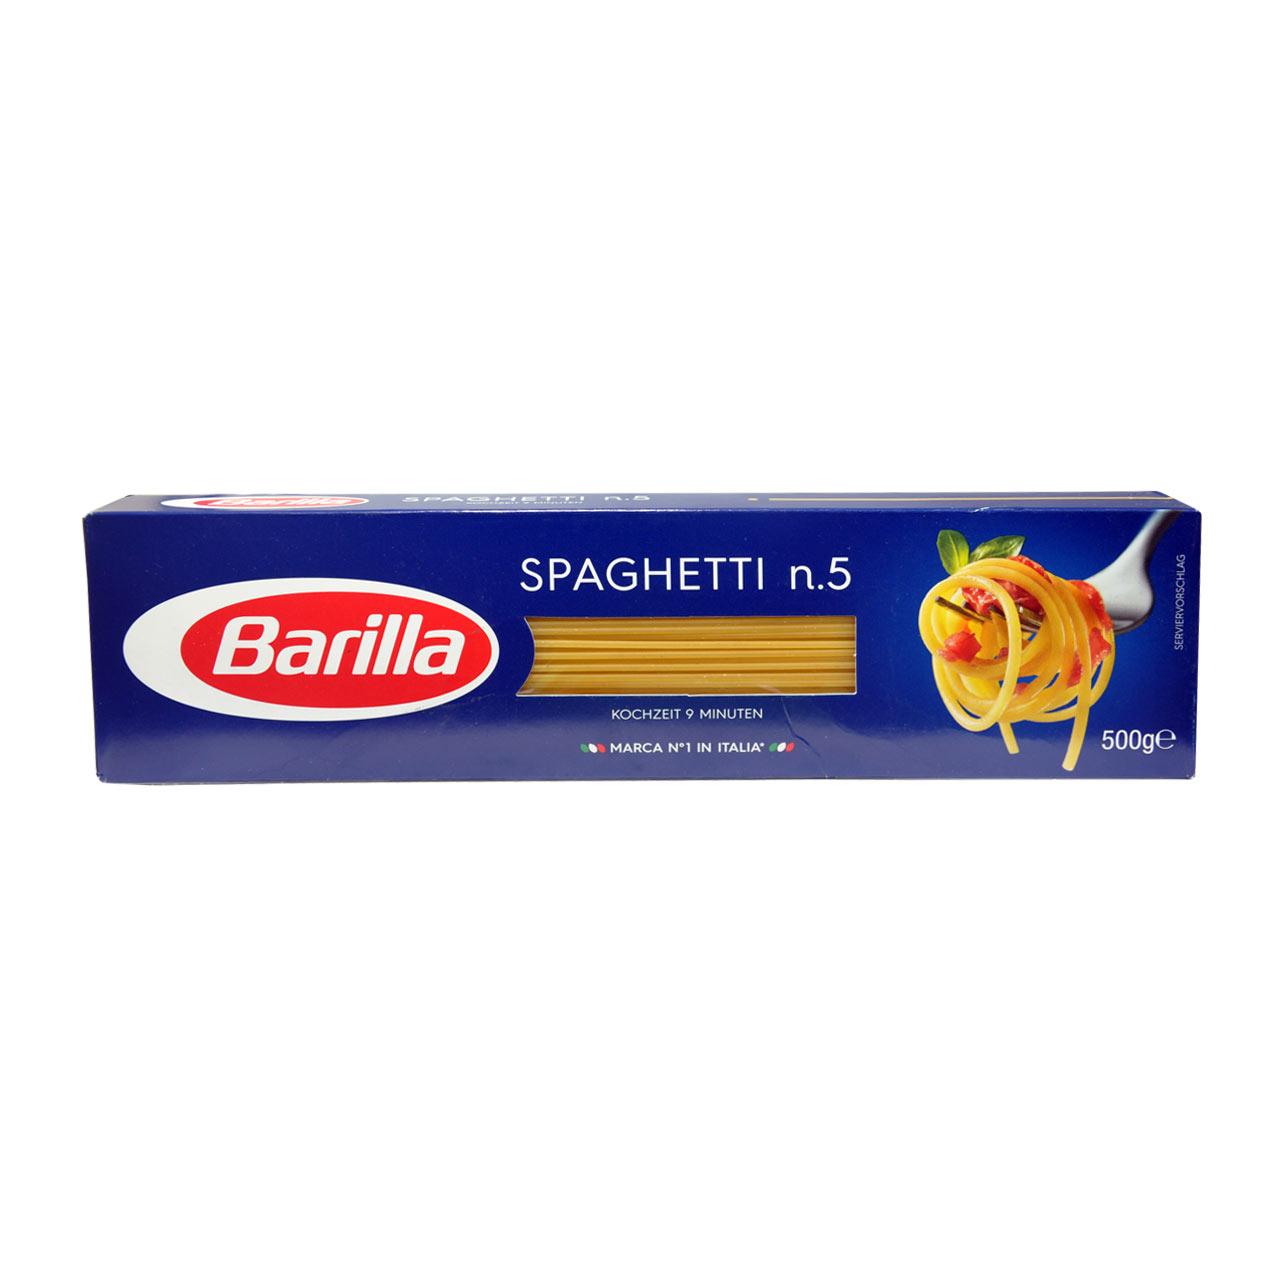 اسپاگتی باریلا شماره ۵ – barilla